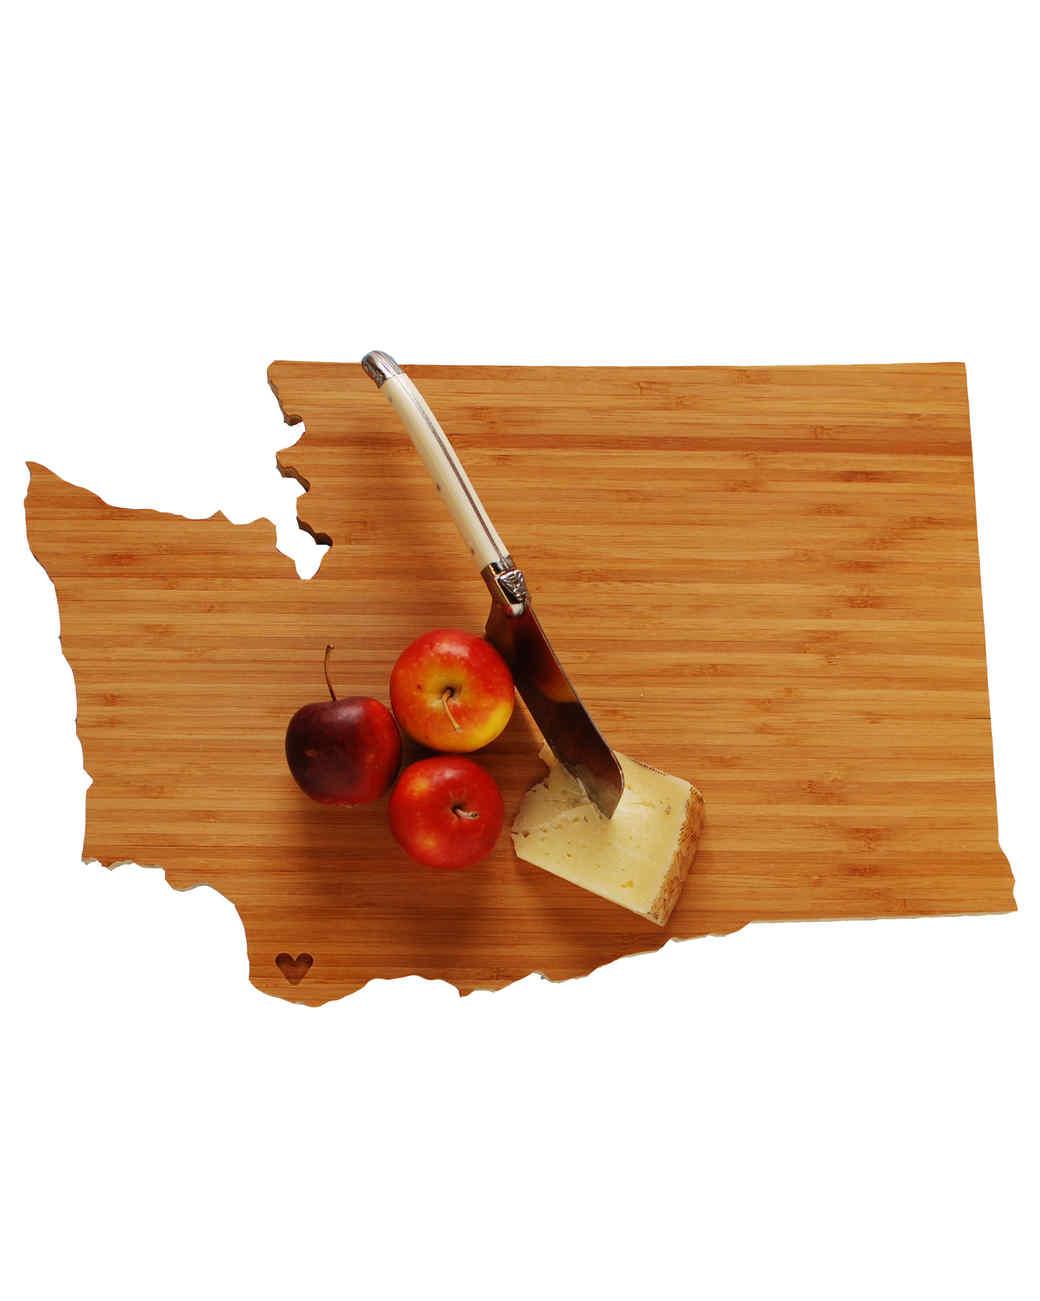 aheirloom_washington-cutting-board.jpg